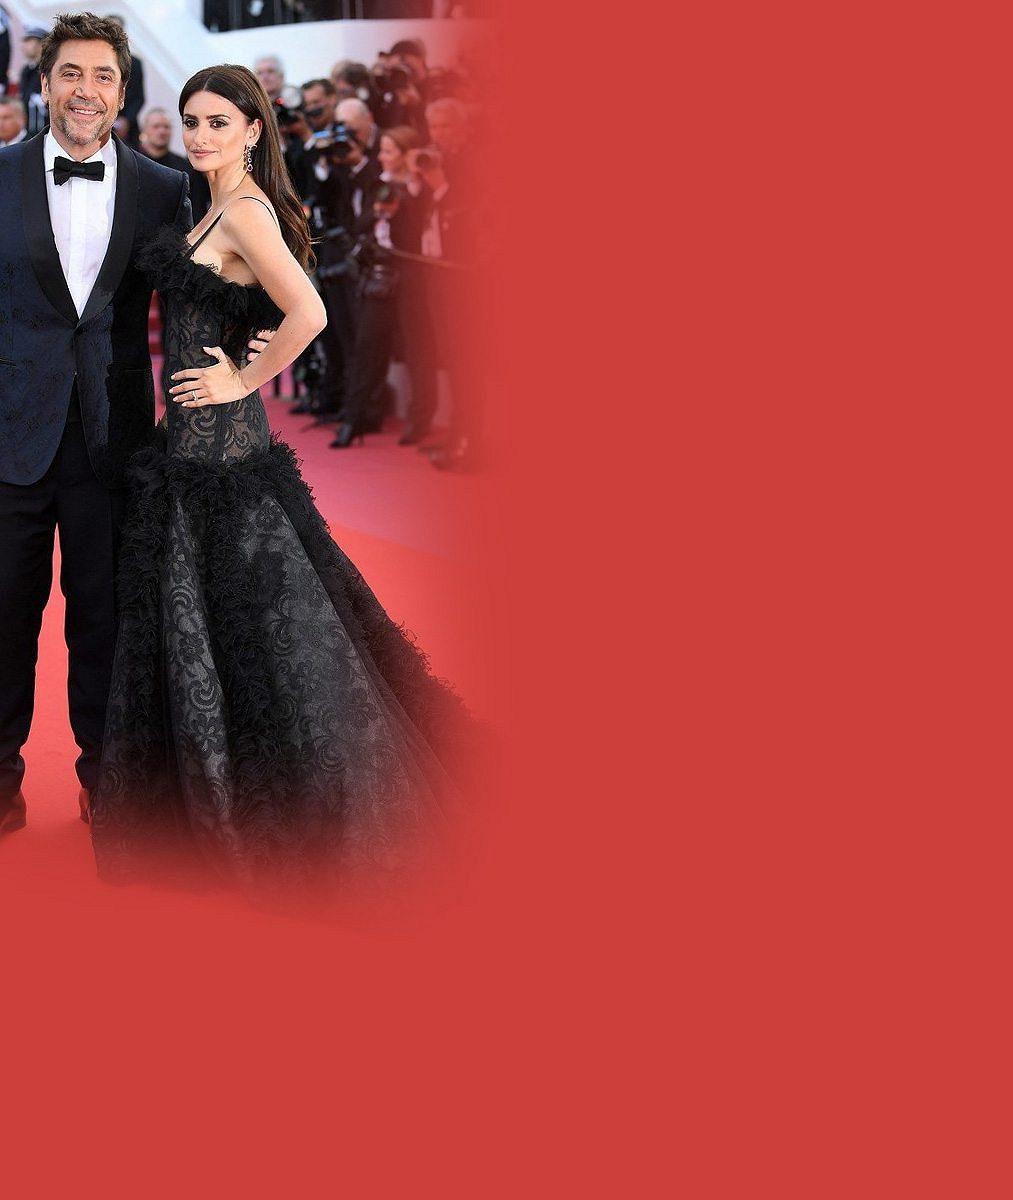 Největší ozdoba zahajovacího ceremoniálu festivalu v Cannes: Oscarový herecký pár, který spolu natočil už 10 filmů